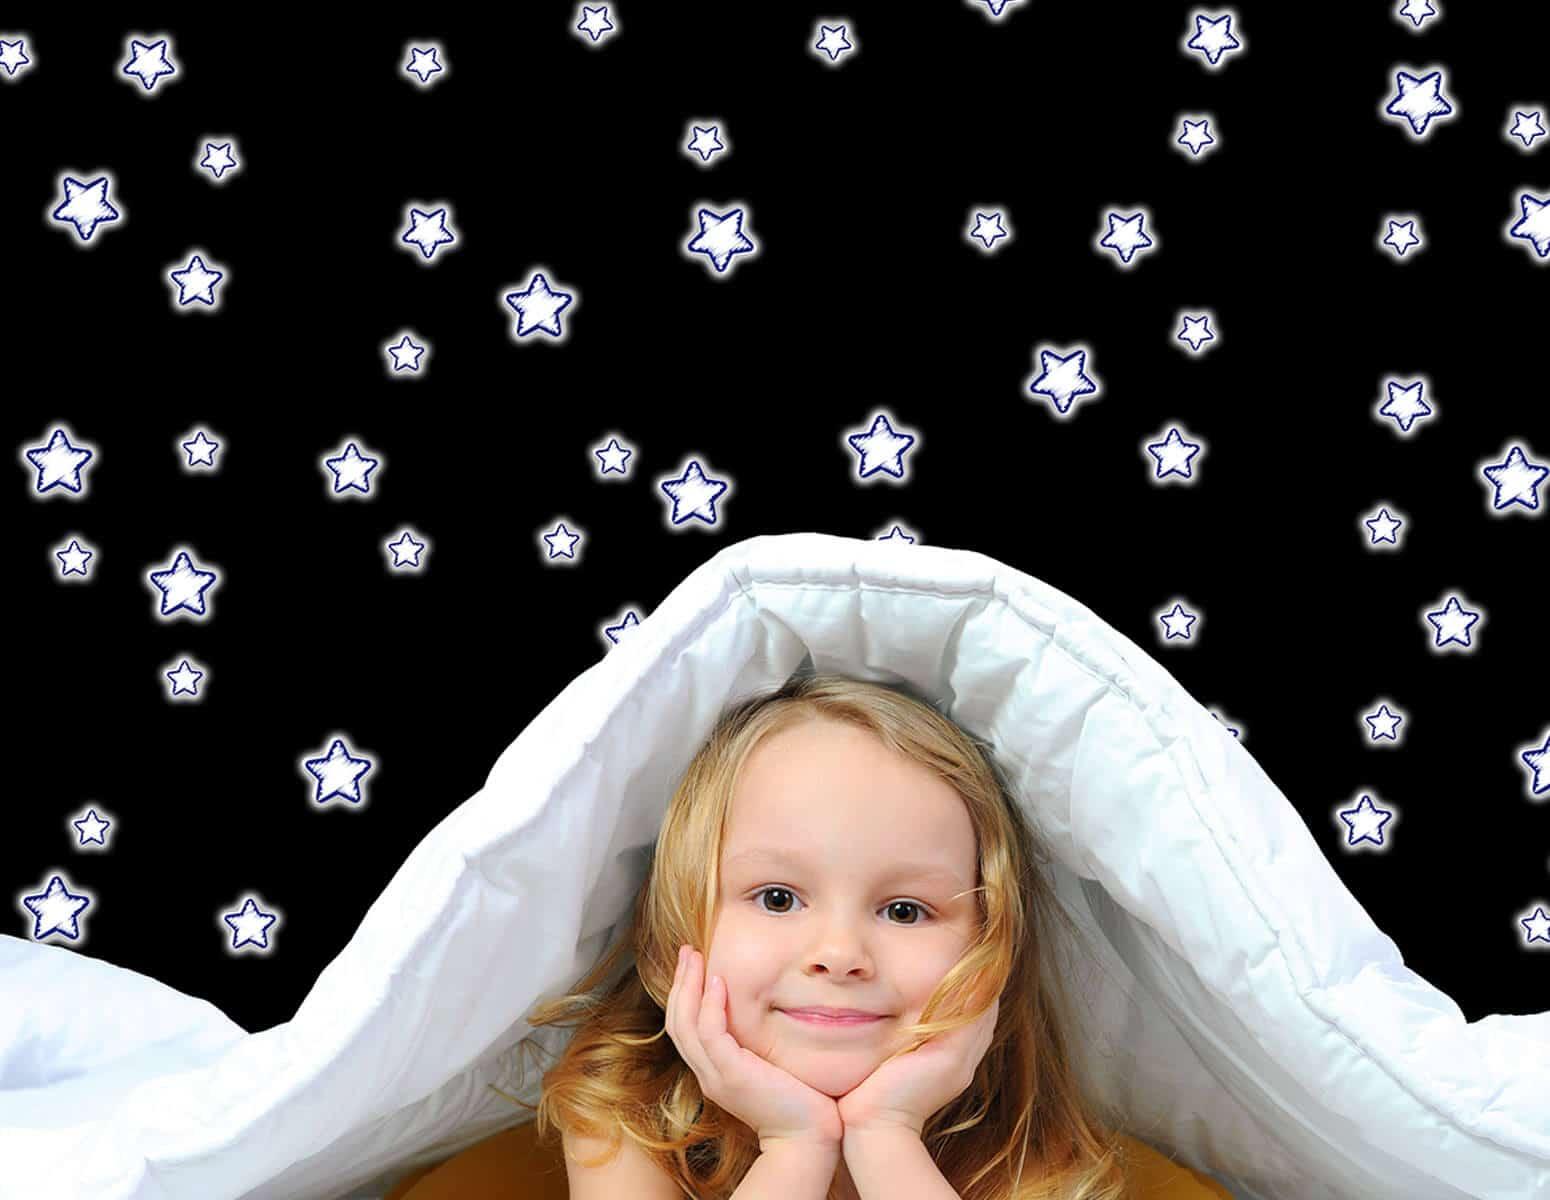 Αυτοκόλλητο Τοίχου Φωσφοριζέ Glow Star Ango 59506 – ango – ANGO_59506